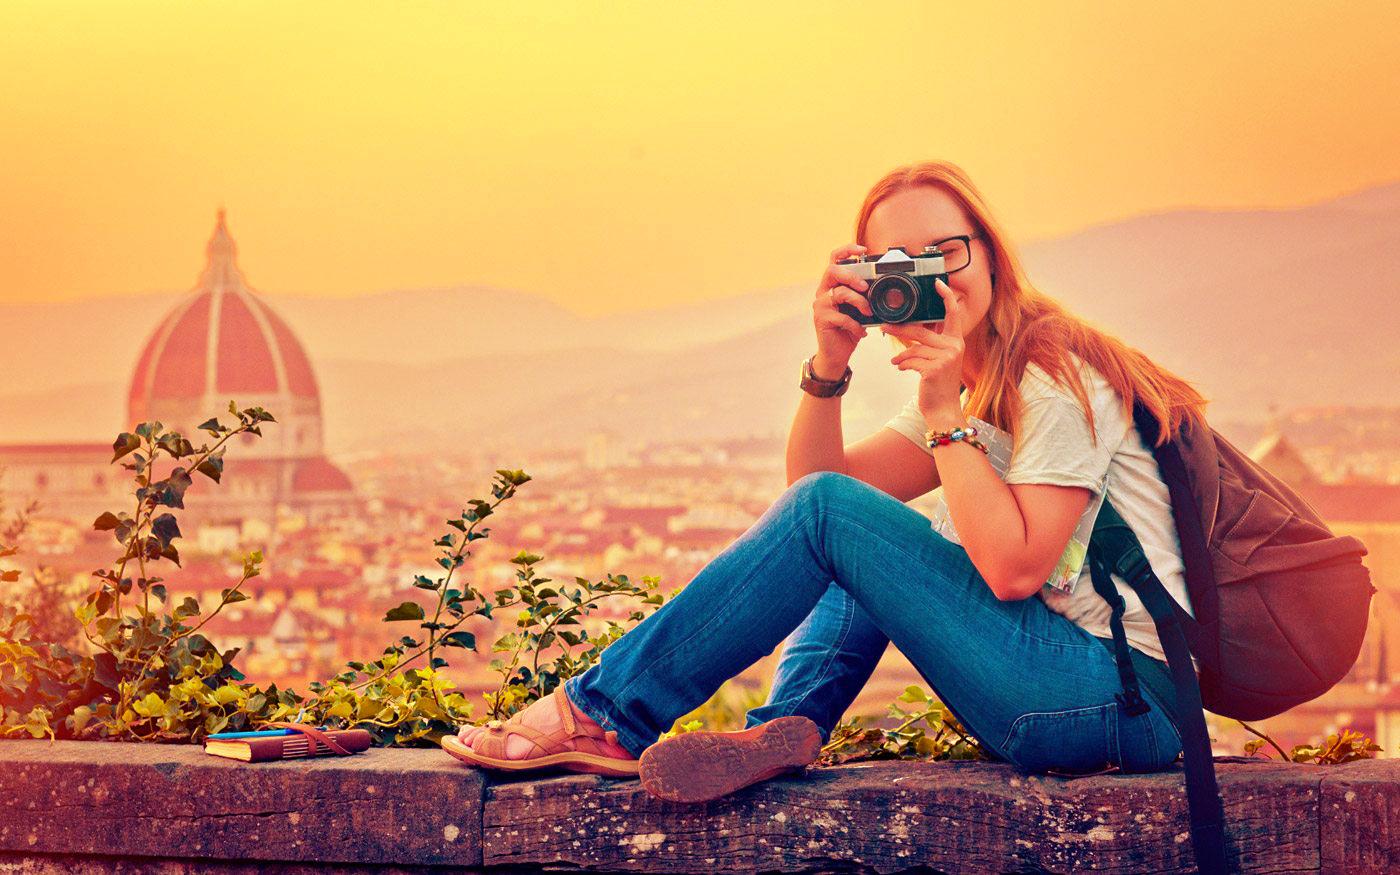 Liburan Aman dan Menyenangkan, Lakukan 8 Tips Ini